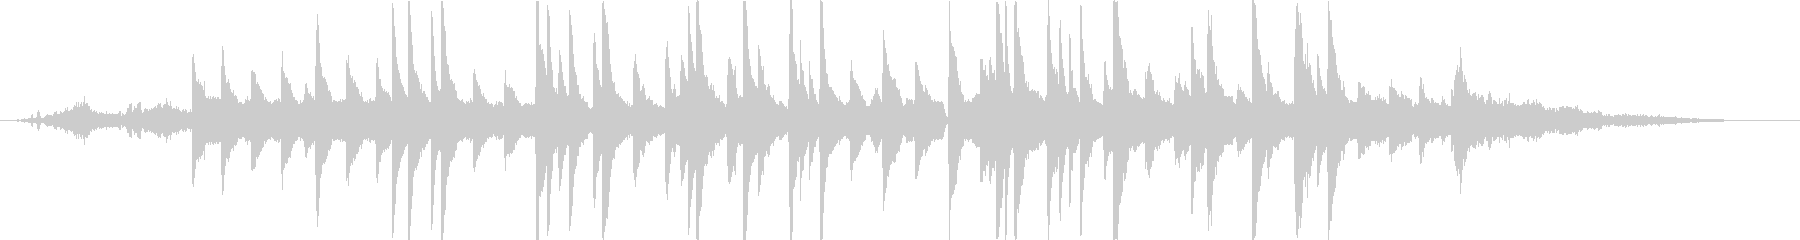 ヒーリングピアノの未再生の波形